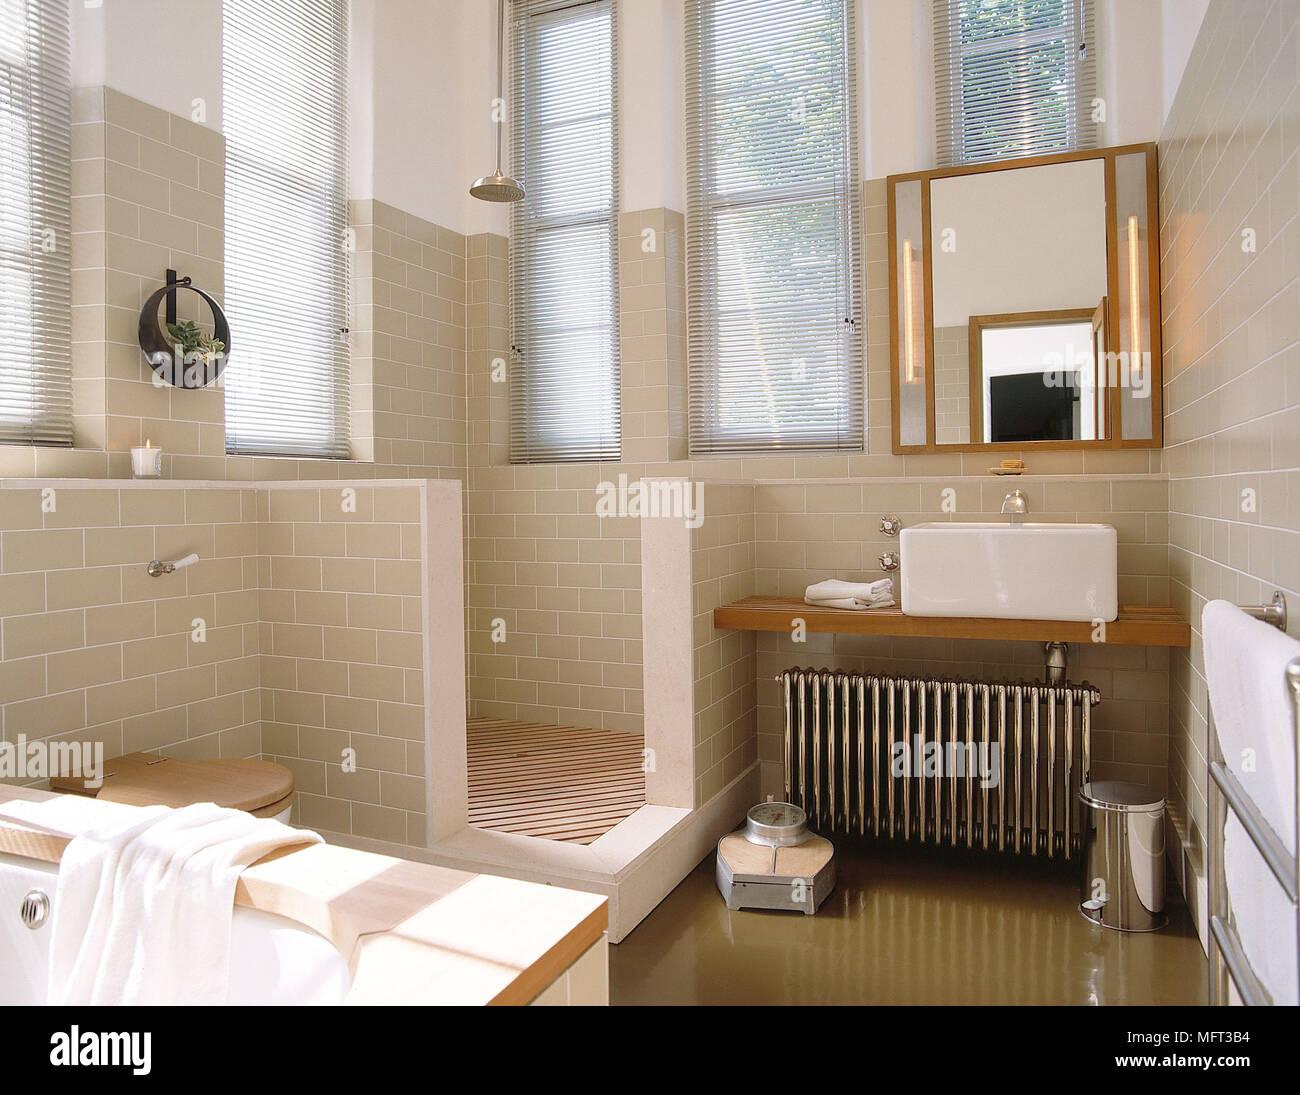 Piastrelle doccia great bagno di design con piastrelle doccia foto stock with piastrelle doccia - Piastrelle sottili leroy merlin ...